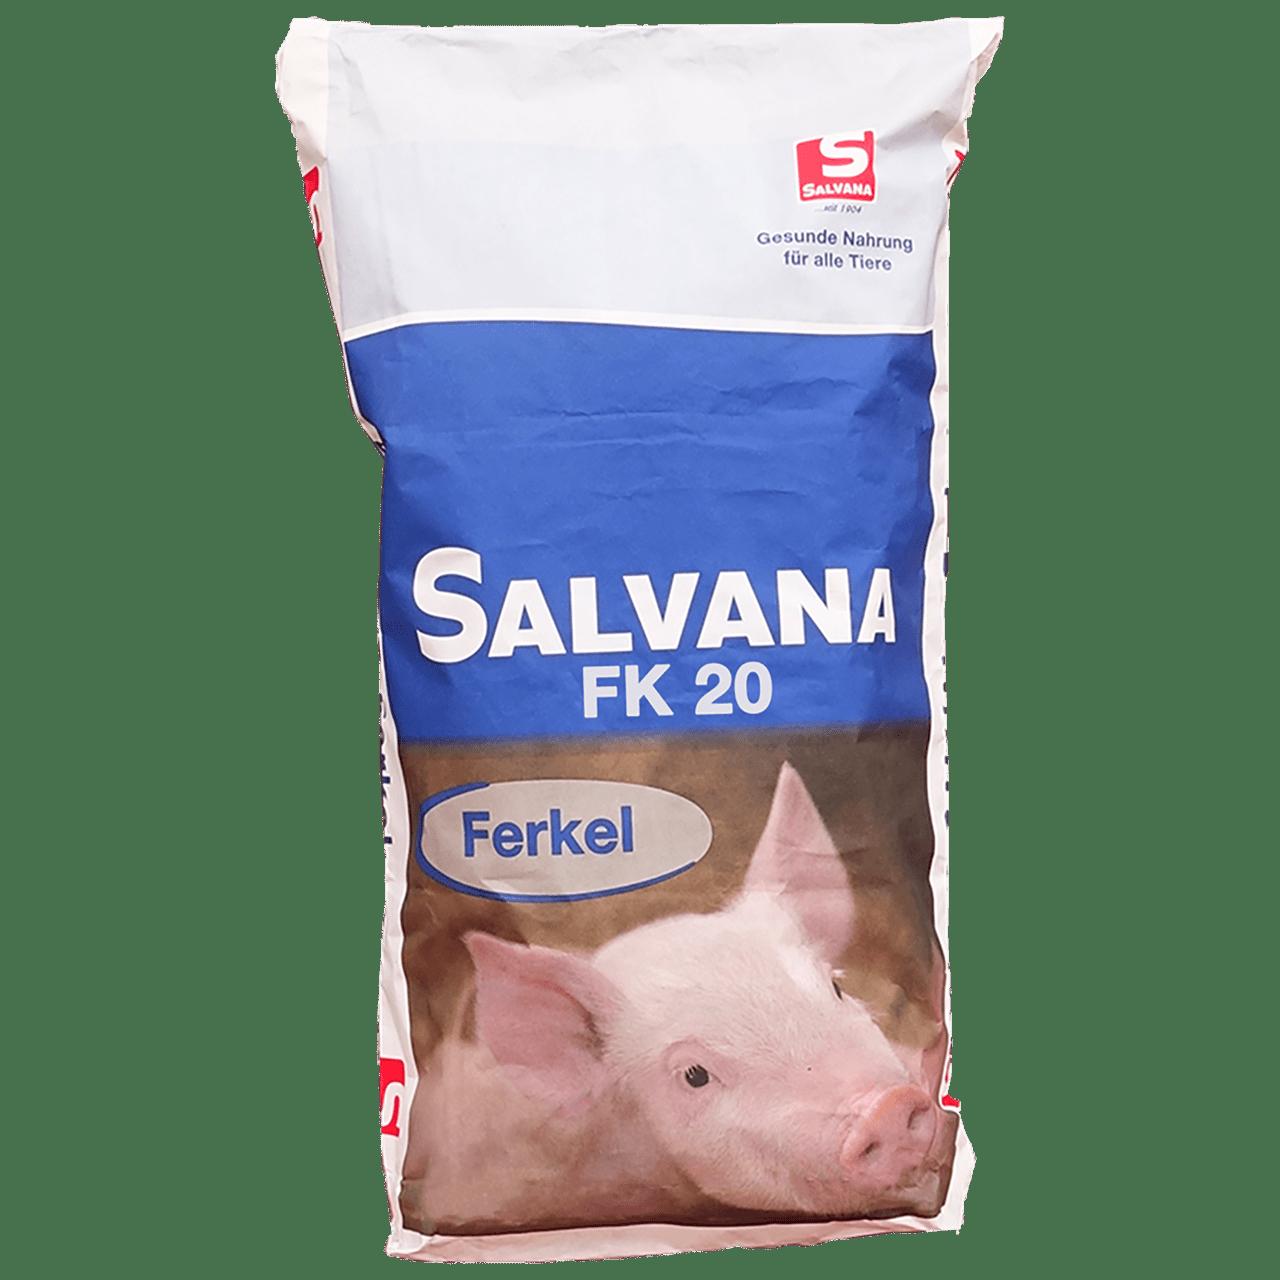 SALVANA FK 20